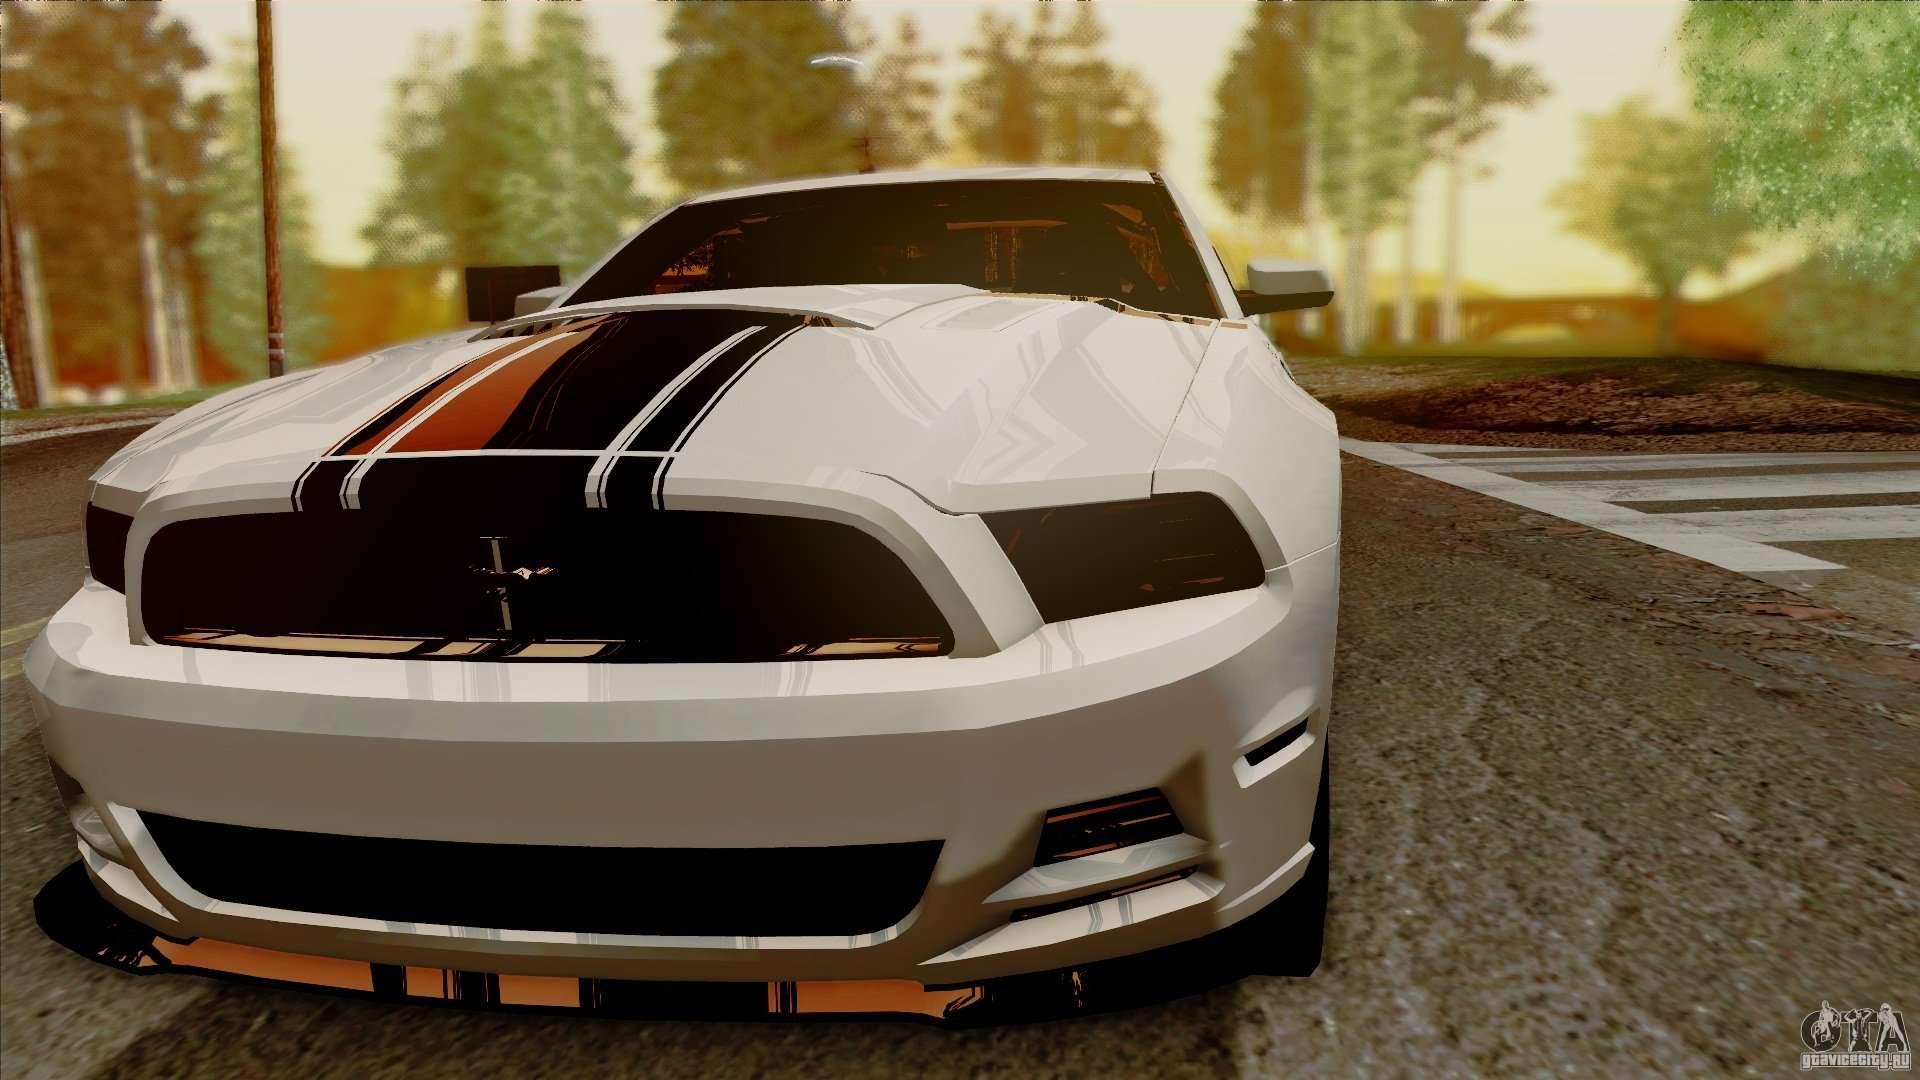 Wallpaper Gta San Andreas Hd Sa Beautiful Realistic Graphics 1 5 For Gta San Andreas